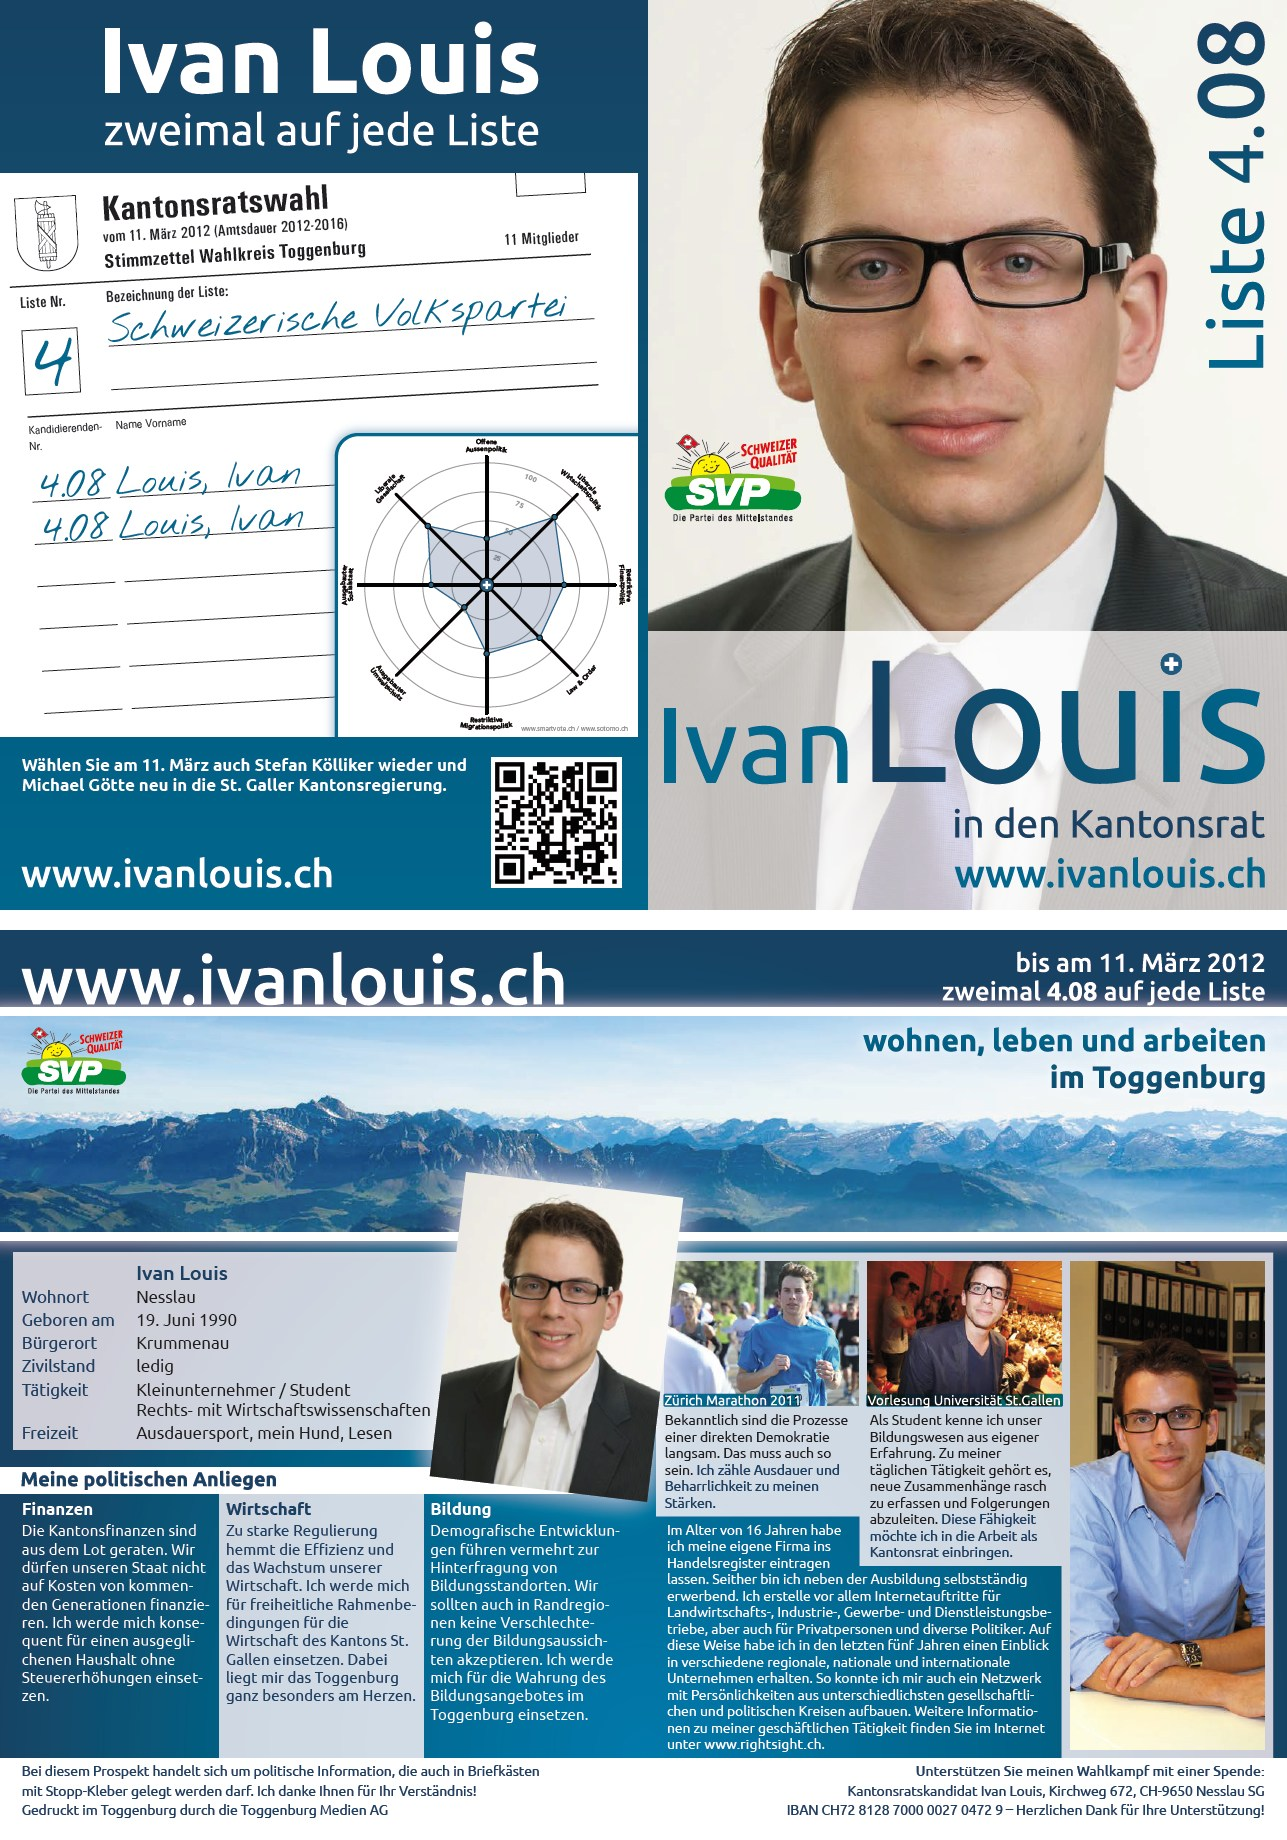 Wahlflyer Kantonsratswahlen 2012 (Sonntag, 26.02.2012)